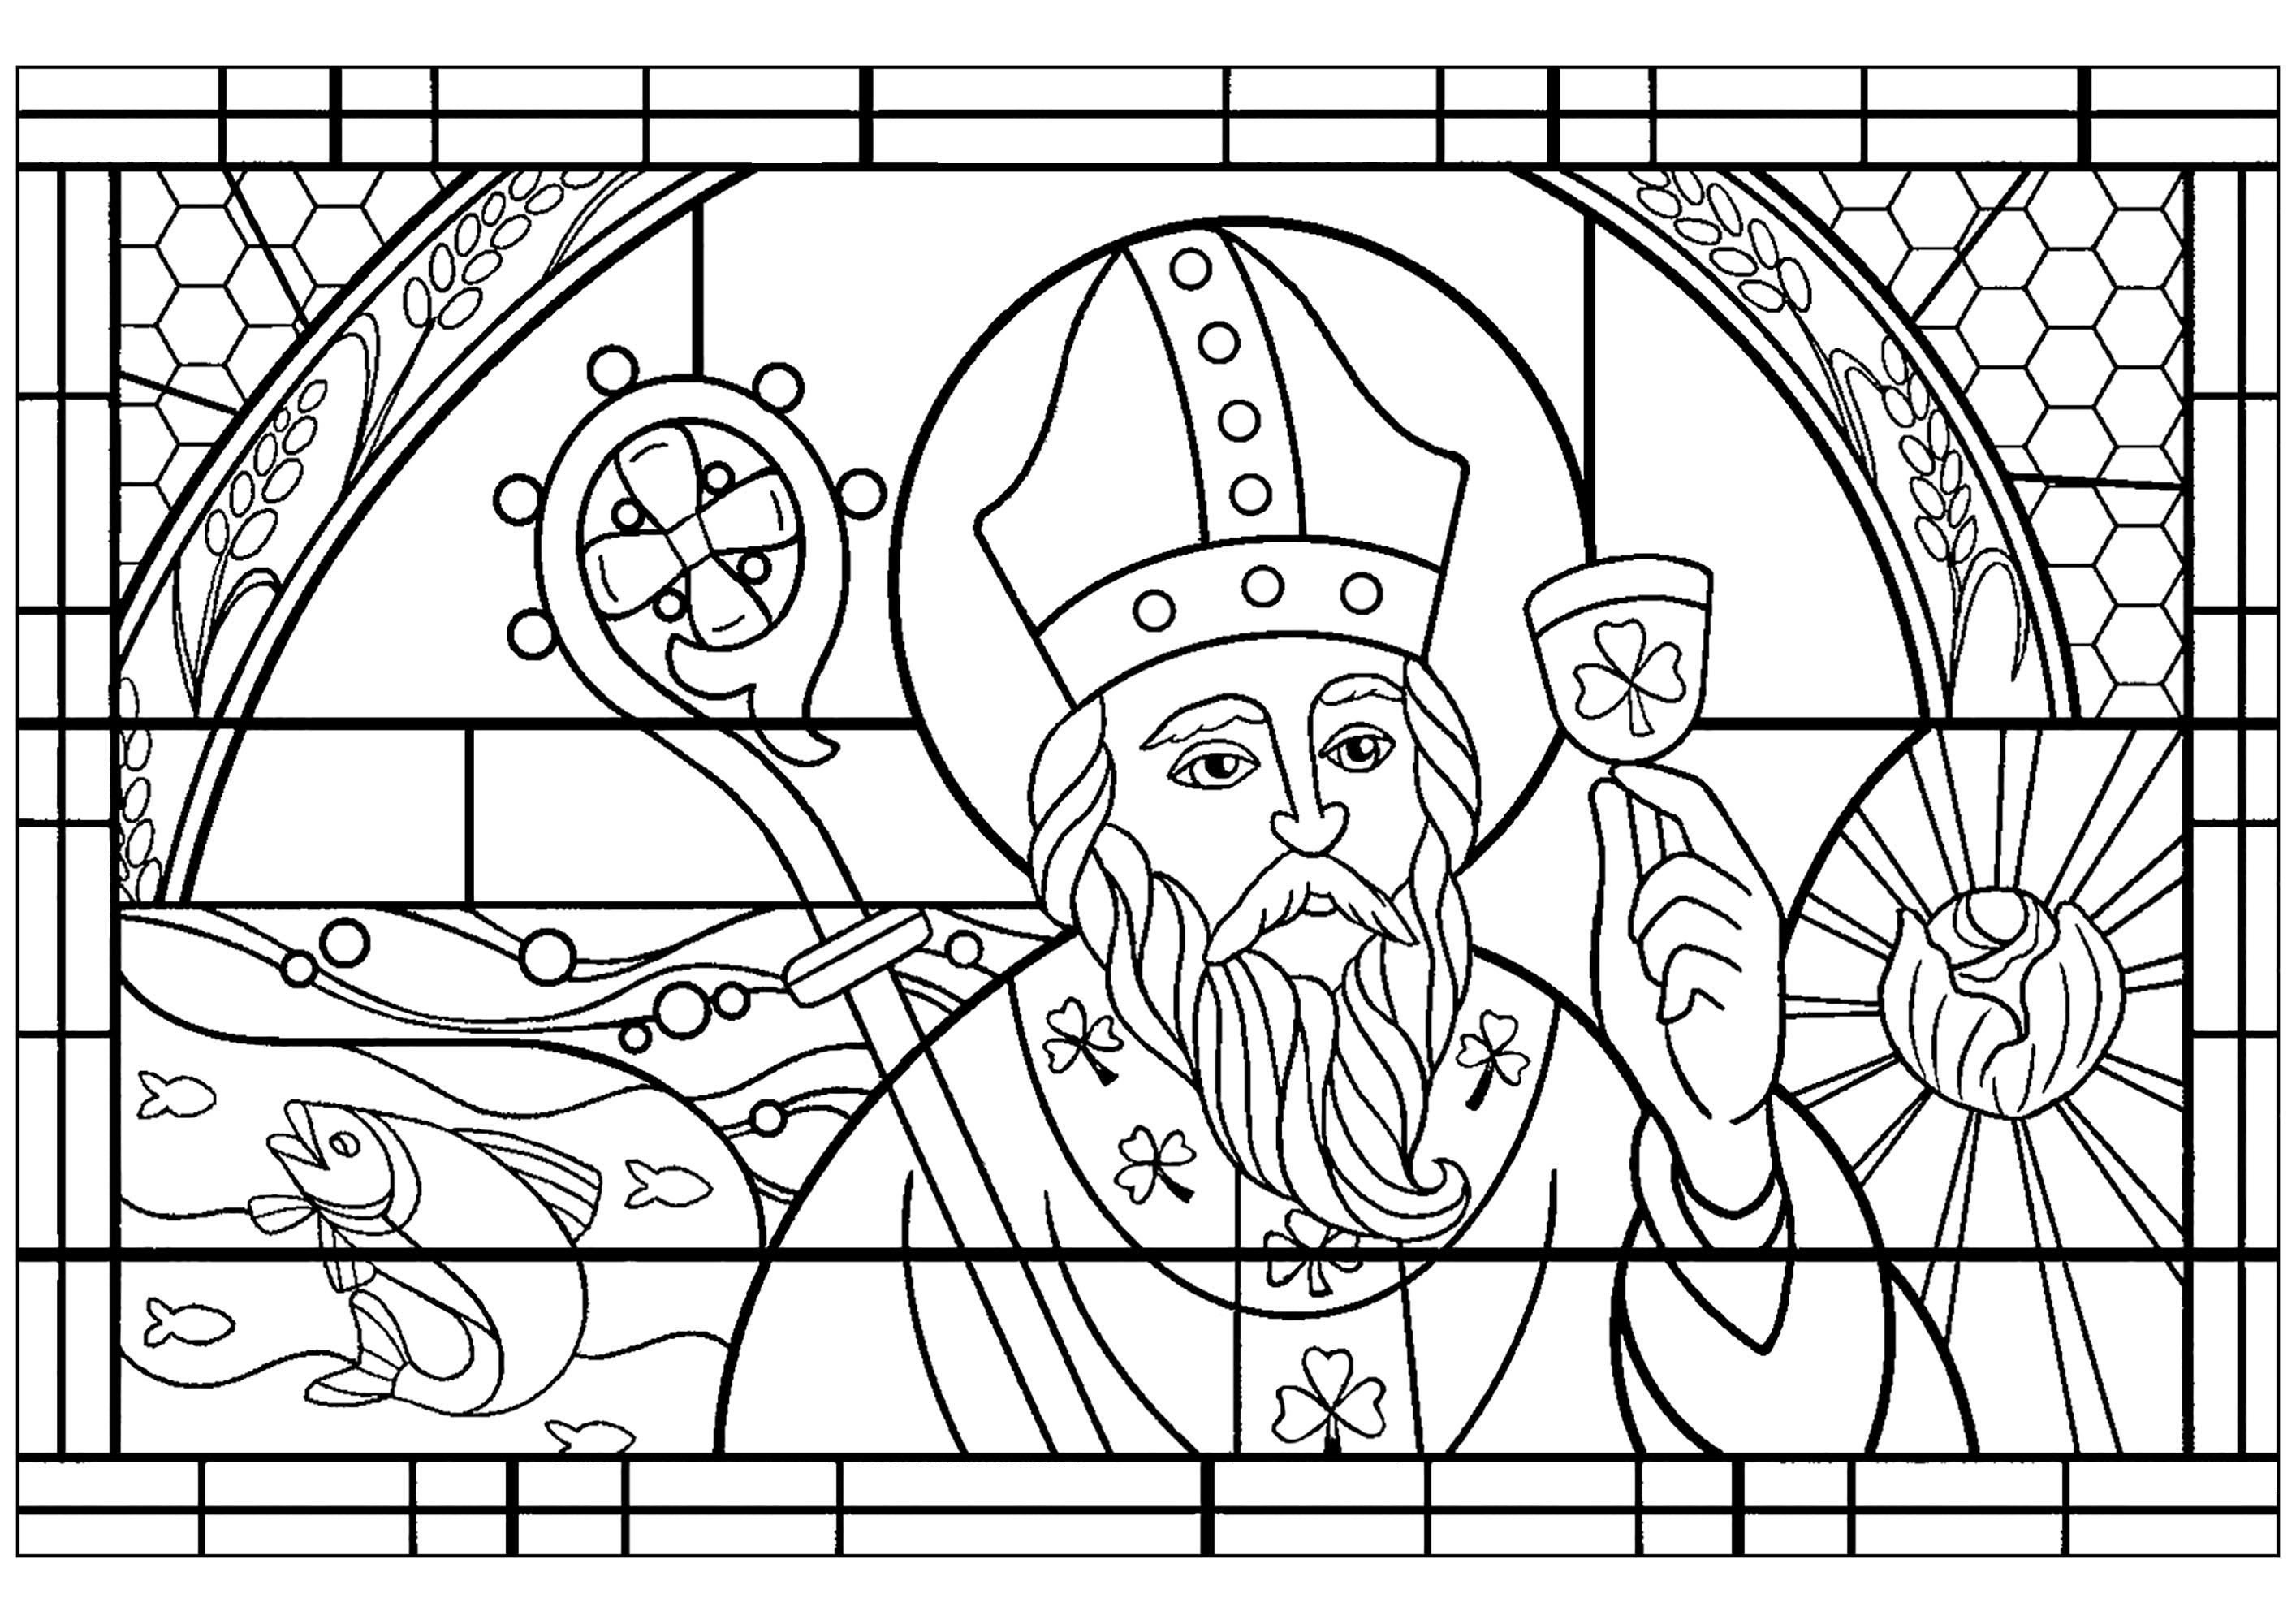 Colorear para adultos dia de san patricio 2978 | Día De San Patricio ...